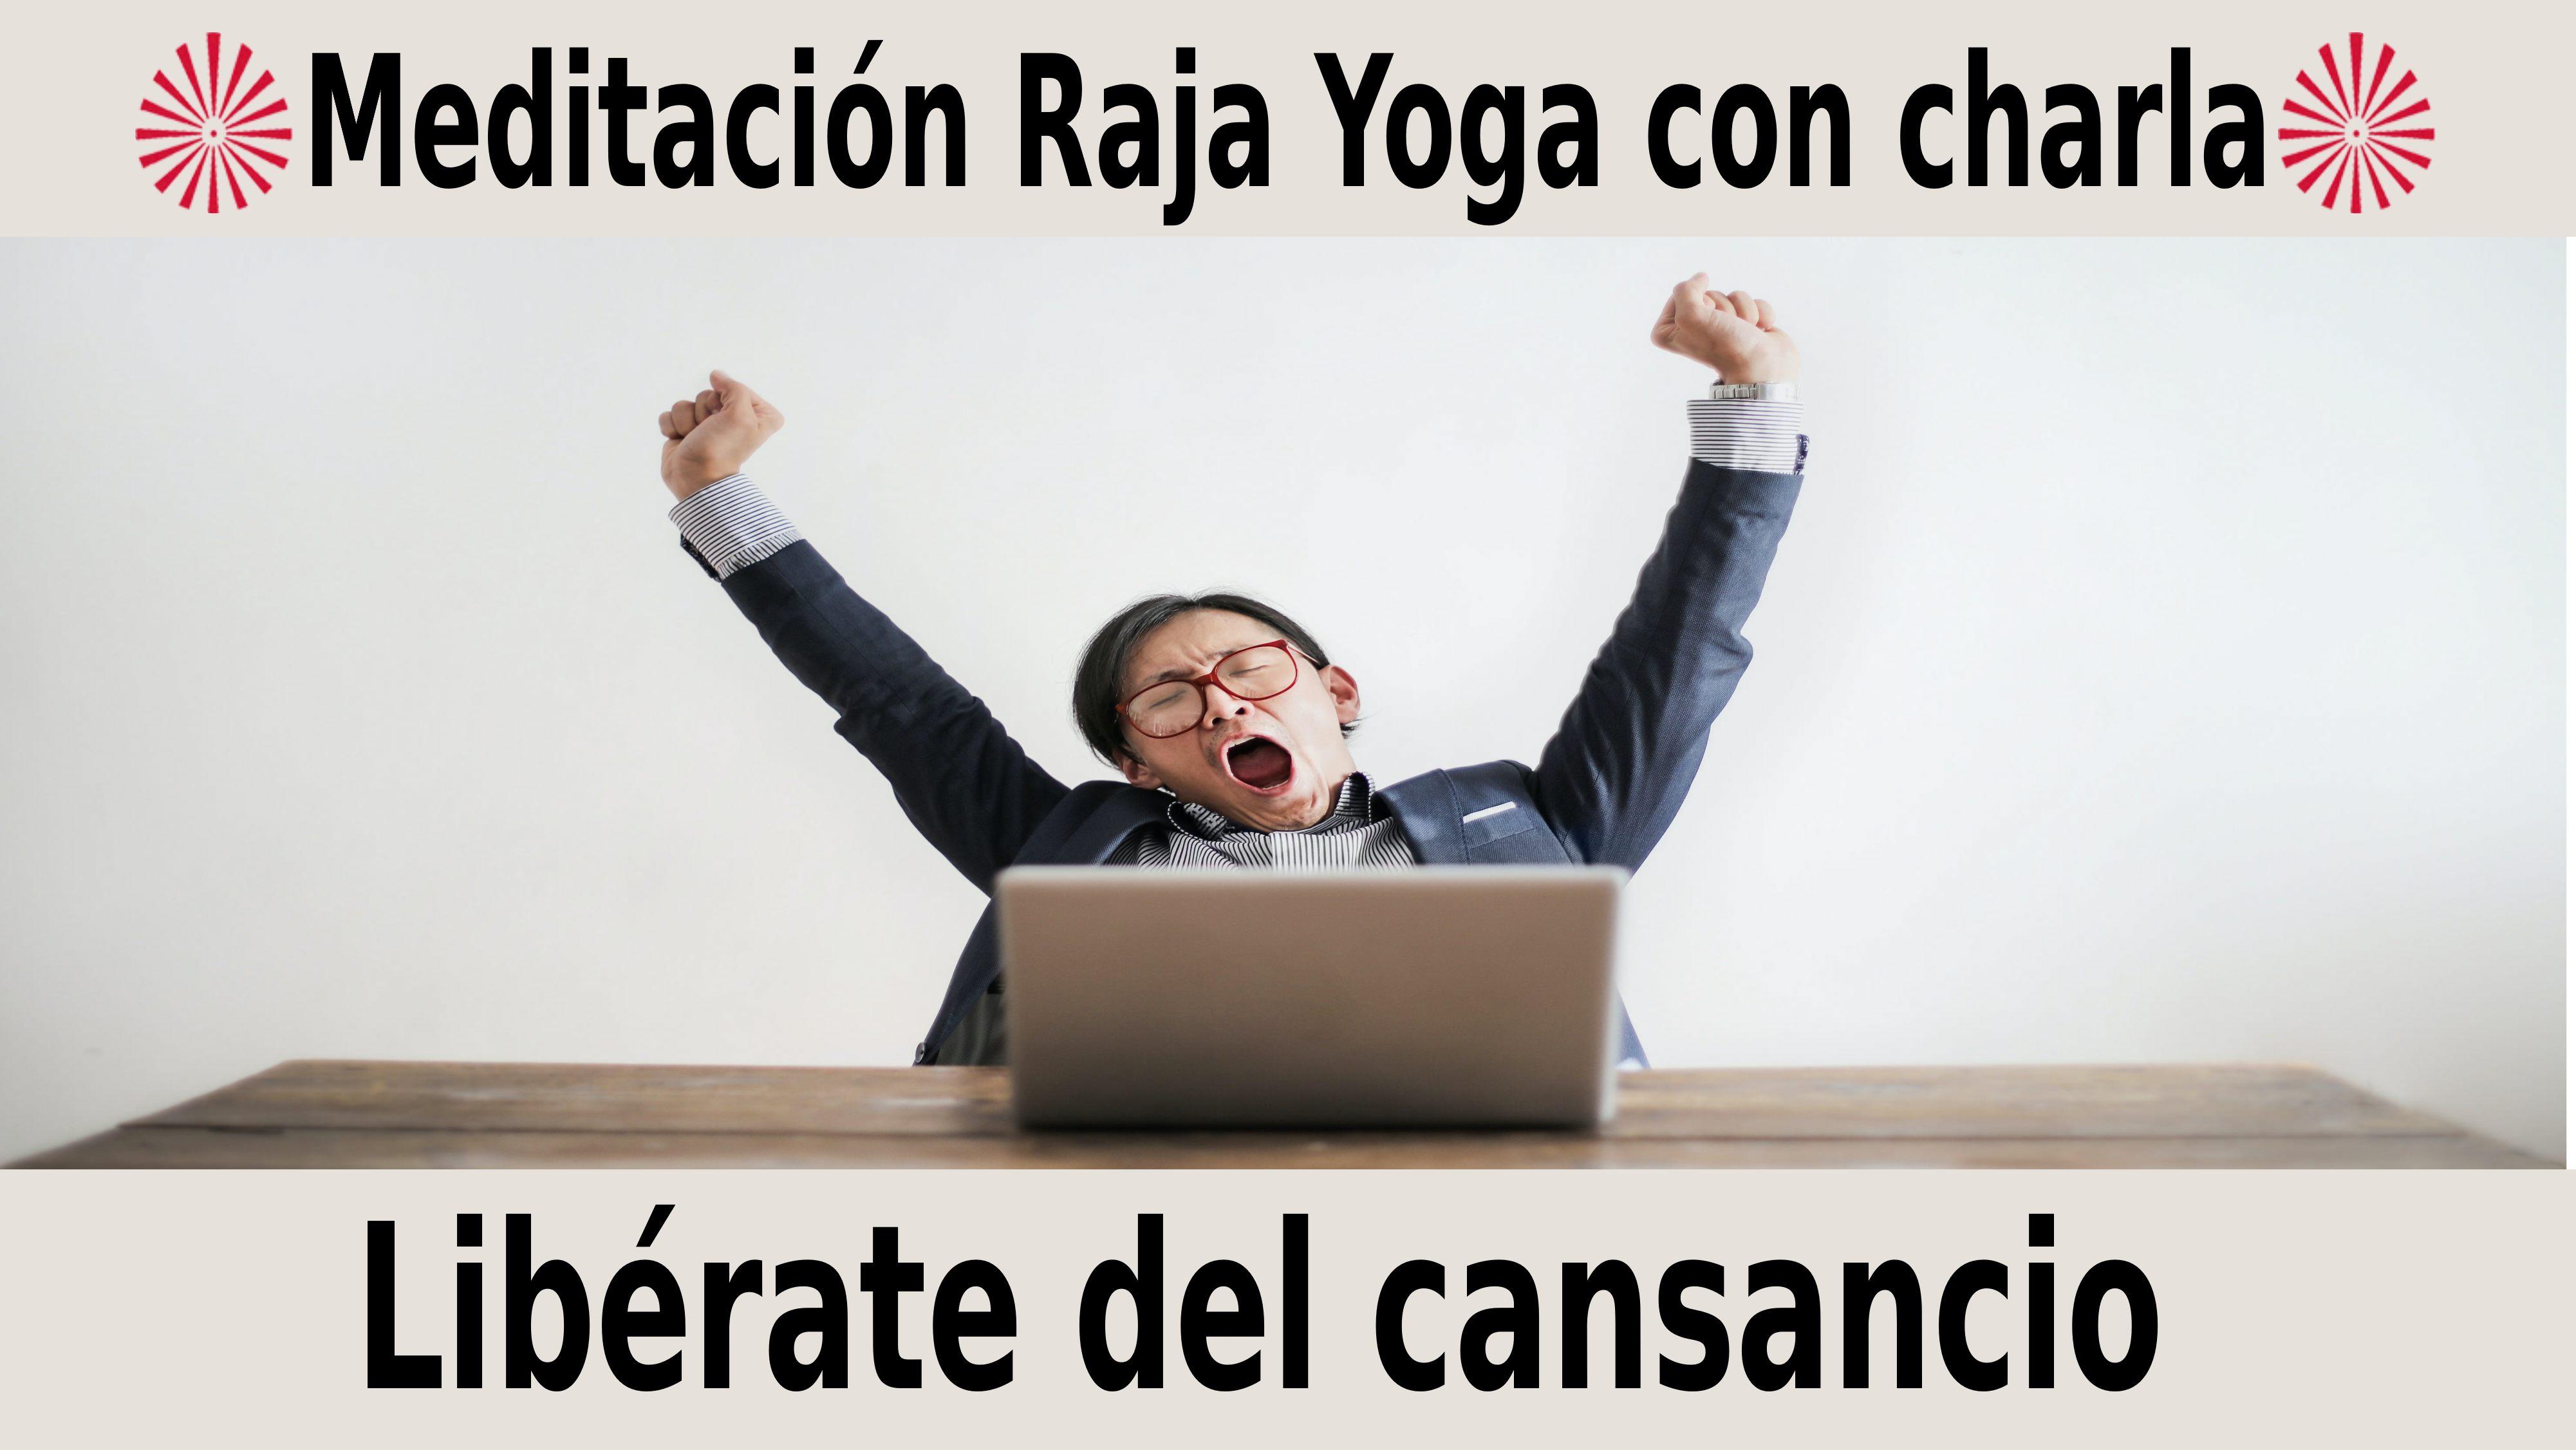 Meditación Raja Yoga con charla: Libérate del cansancio (23 Noviembre 2020) On-line desde Madrid